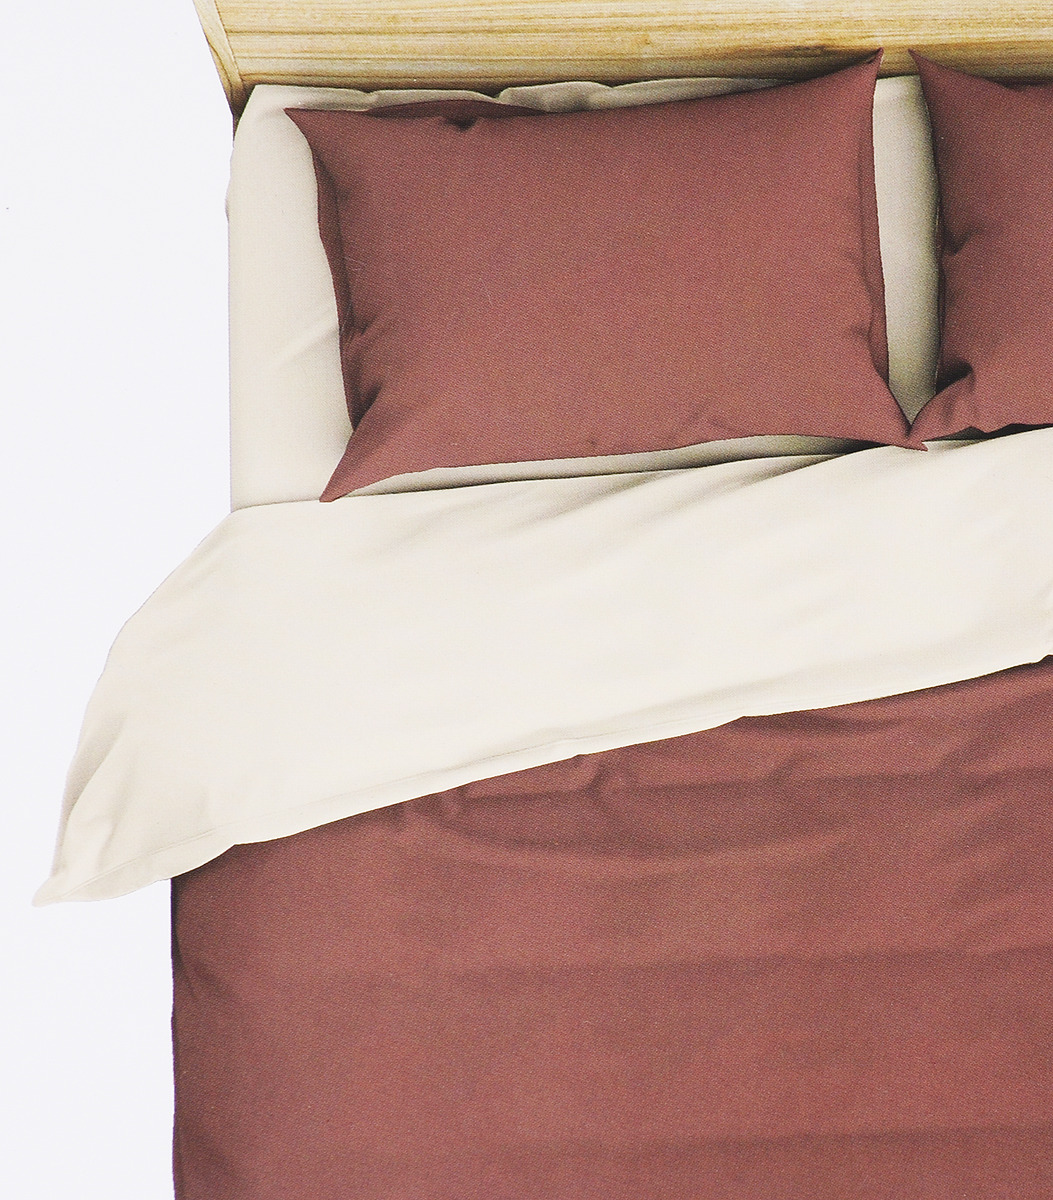 Комплект белья Василиса Кофе с молоком, 2-спальный, наволочки 70x70, цвет: оливковый. 361 комплект белья василиса тауэрский мост 2 спальный наволочки 70х70